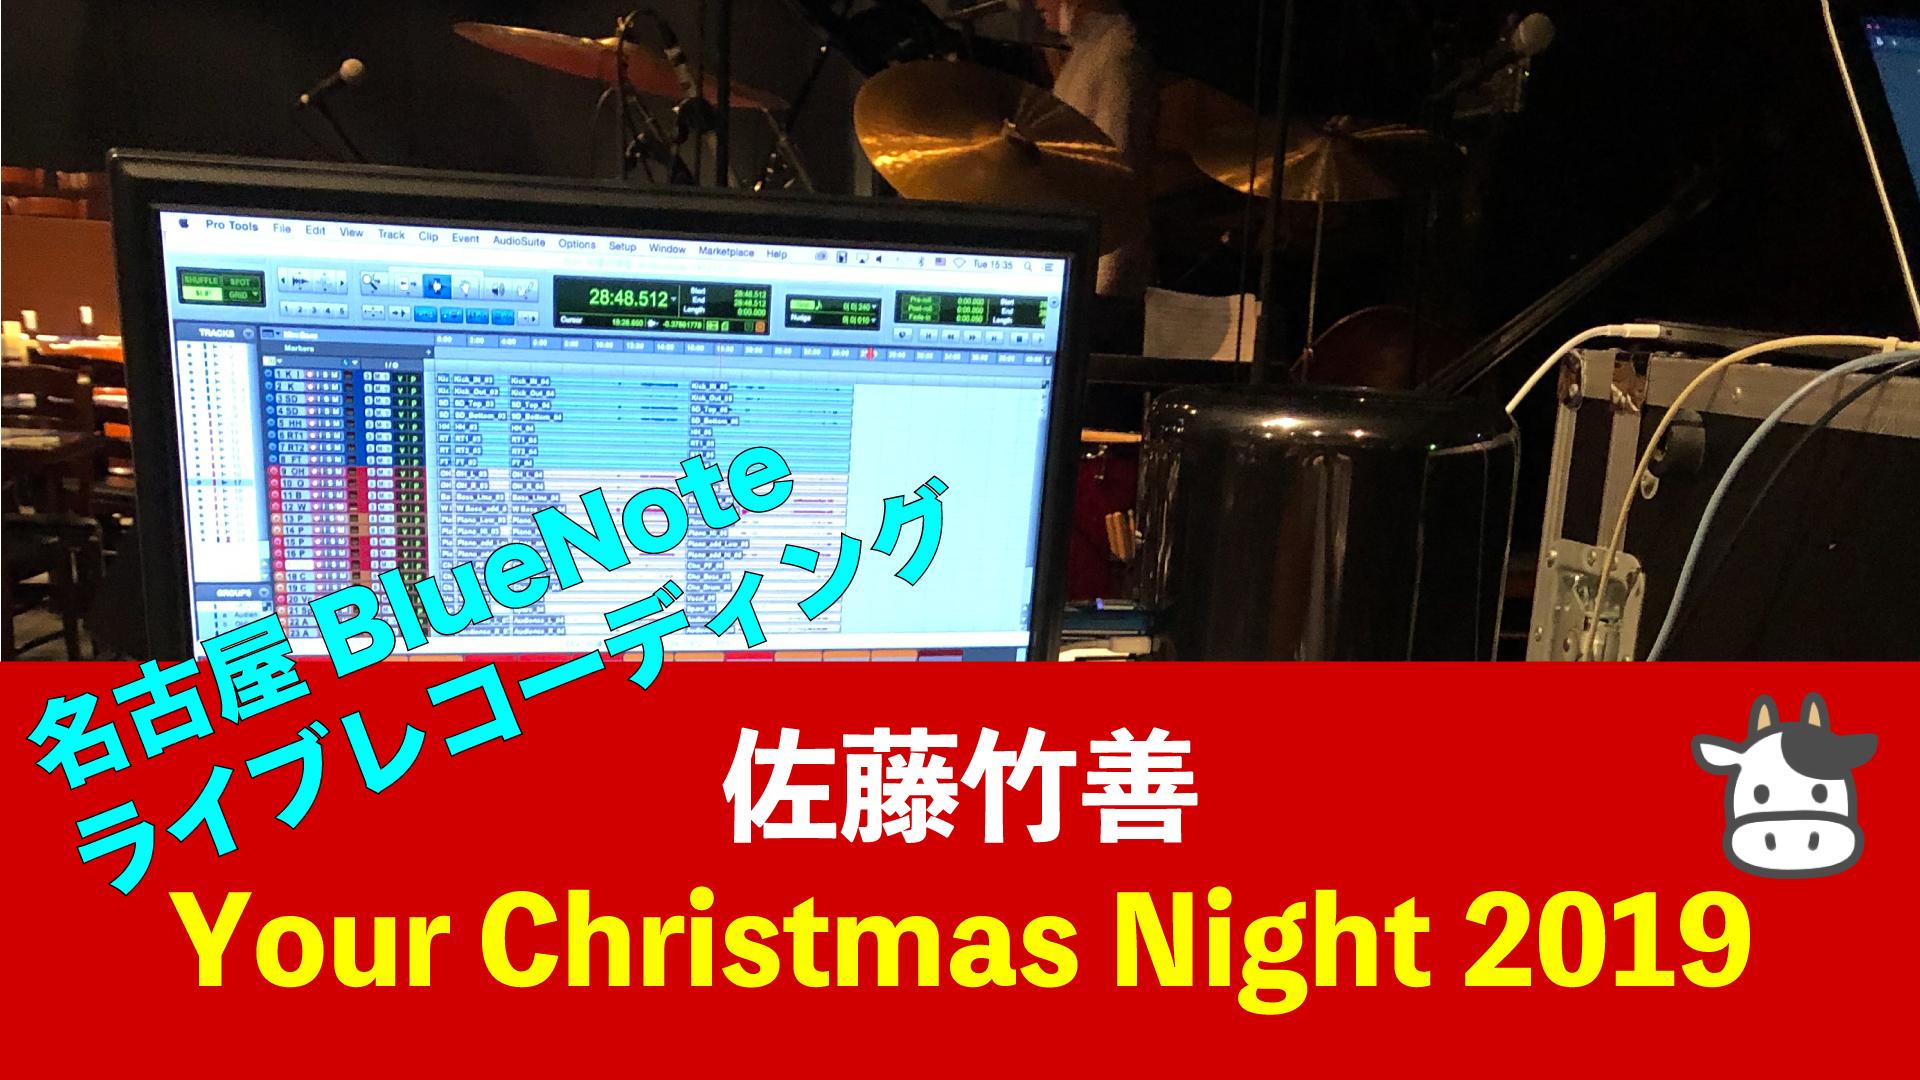 佐藤竹善 Your Christmas Night 2019 名古屋ブルーノートでのライブレコーディング